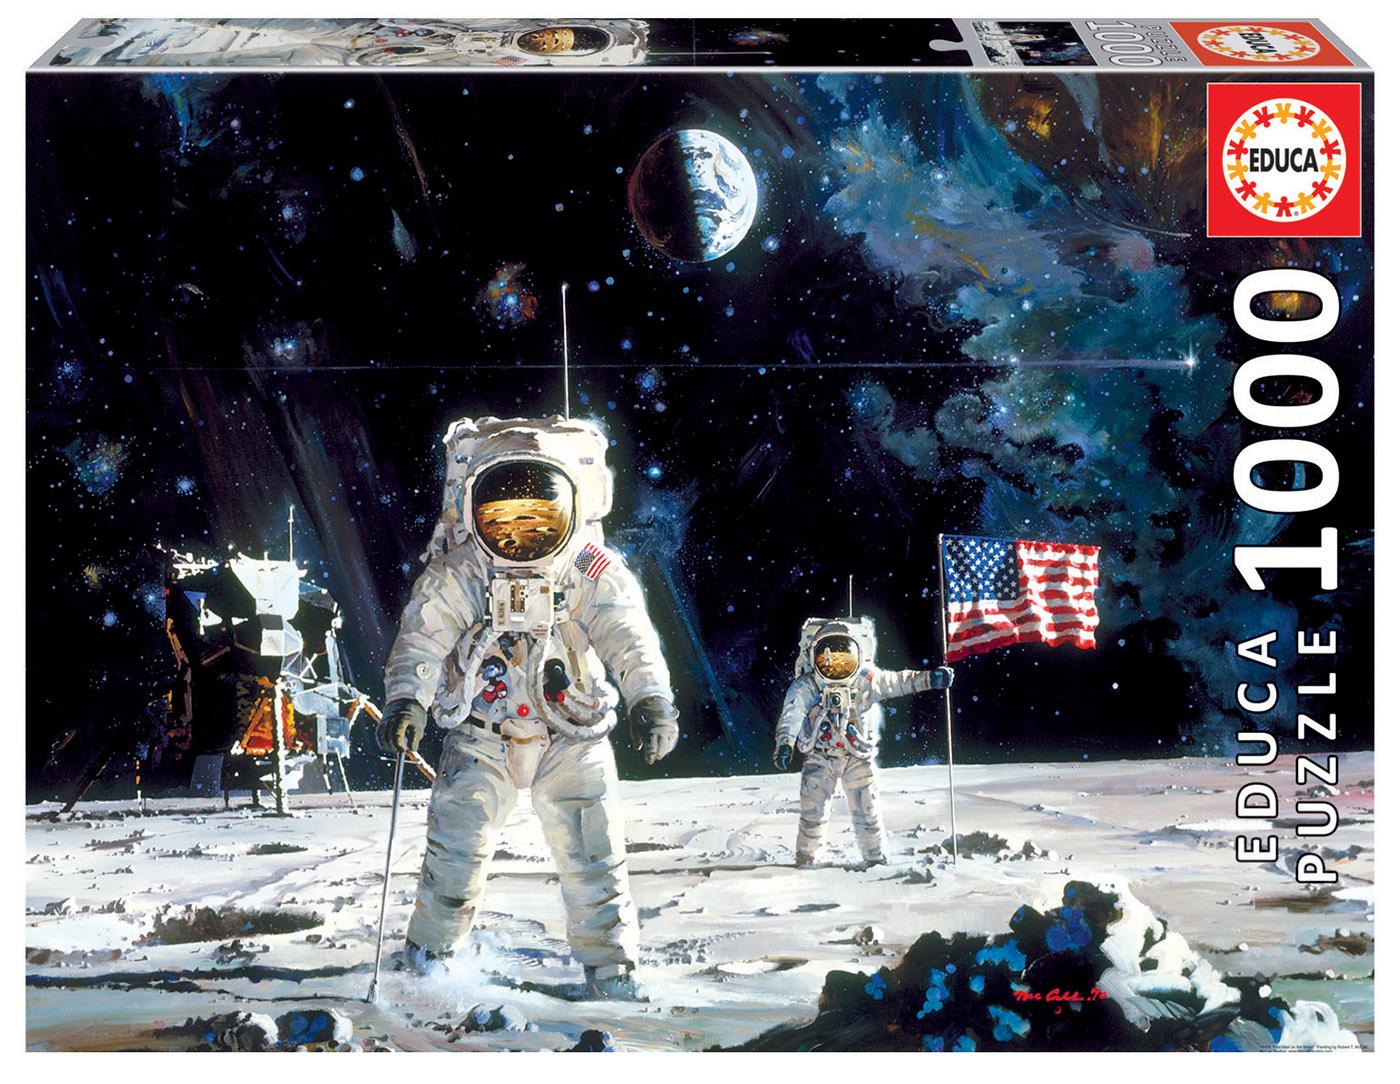 1000 First Men on the Moon, Robert McCall